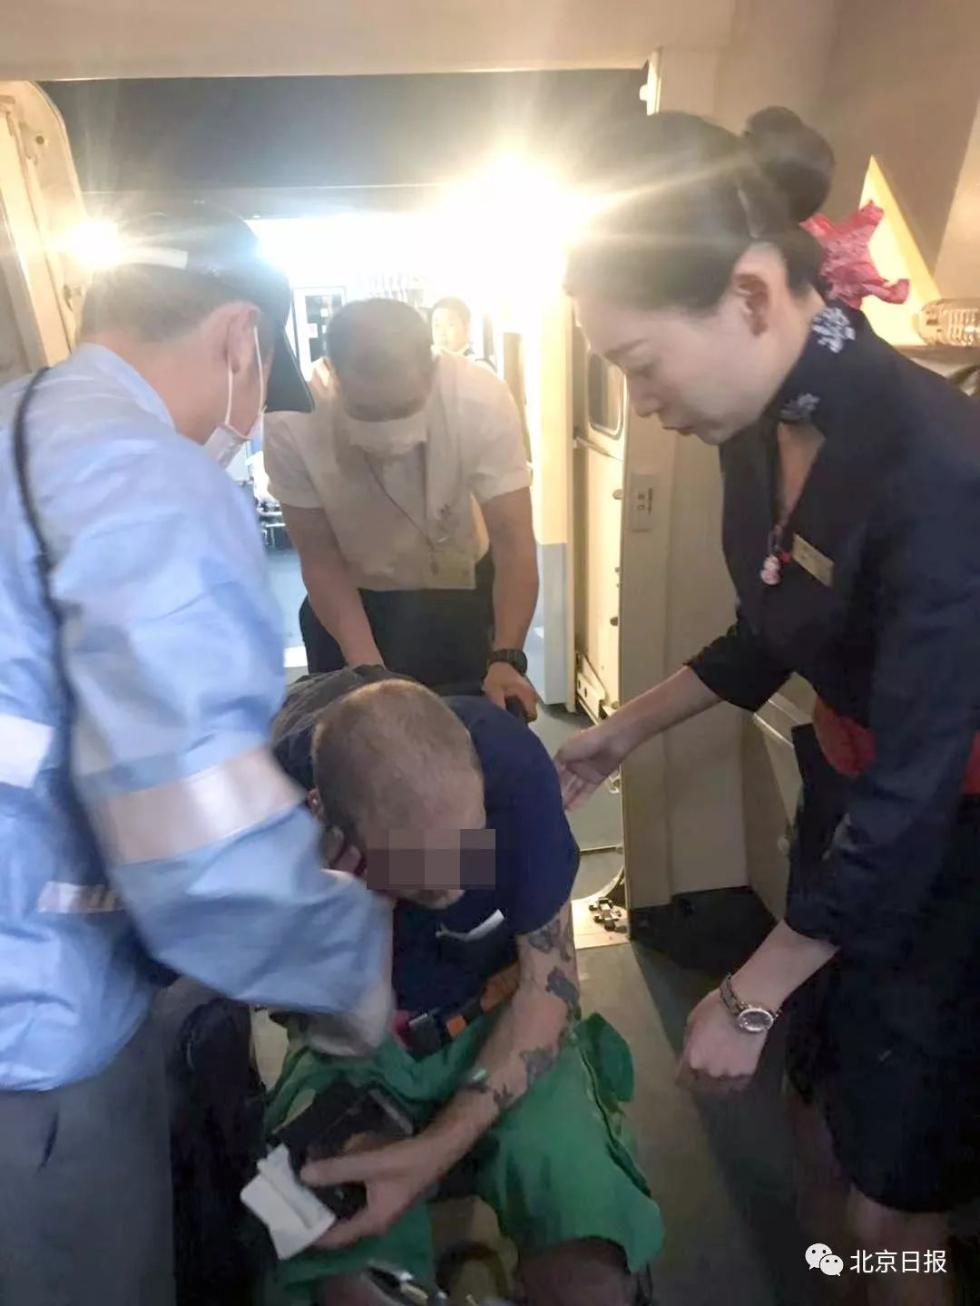 先救人!机上乘客突然发病,东航放油45吨紧急备降